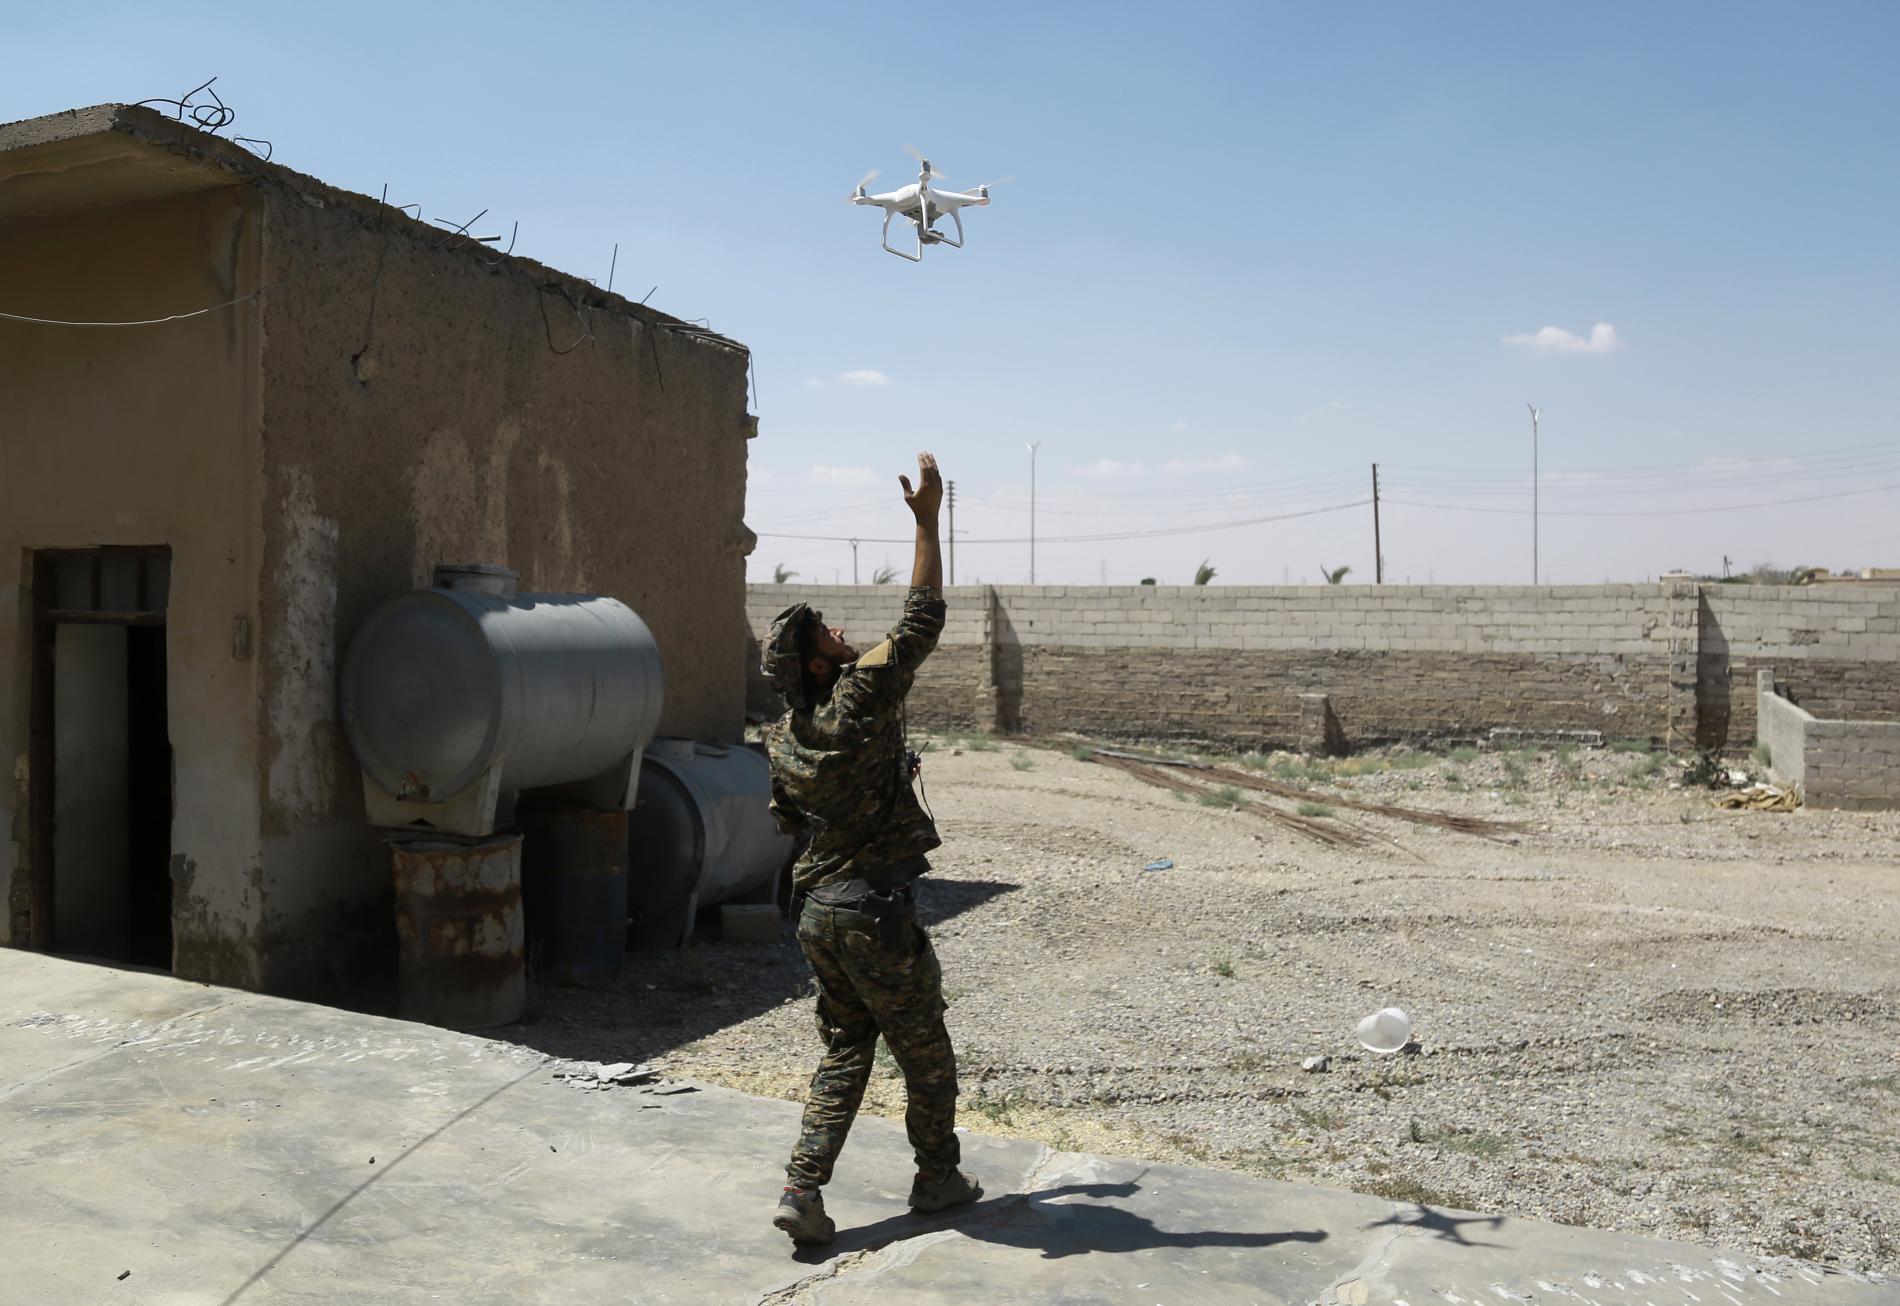 Un combattant kurde lance un drone de reconnaissance, à Raqqa (Syrie), le 18 juin 2017.